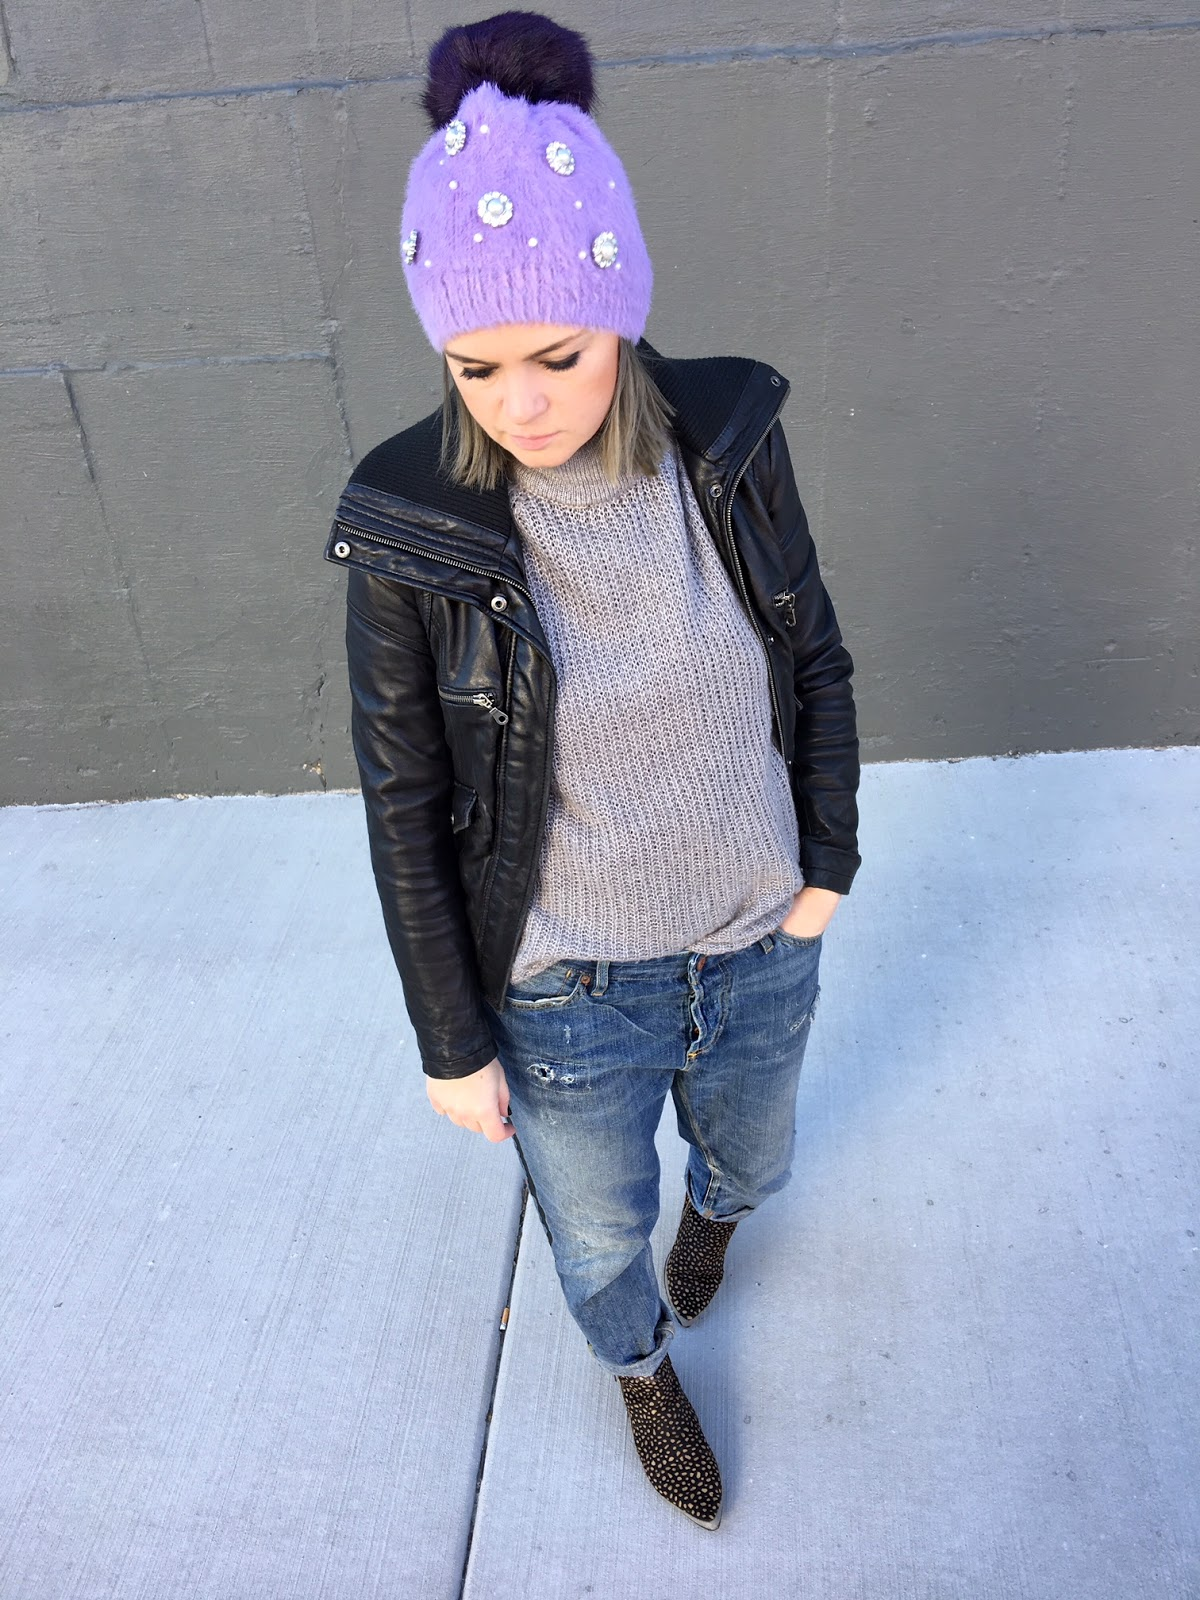 embellished purple beanie hat with a pom pom